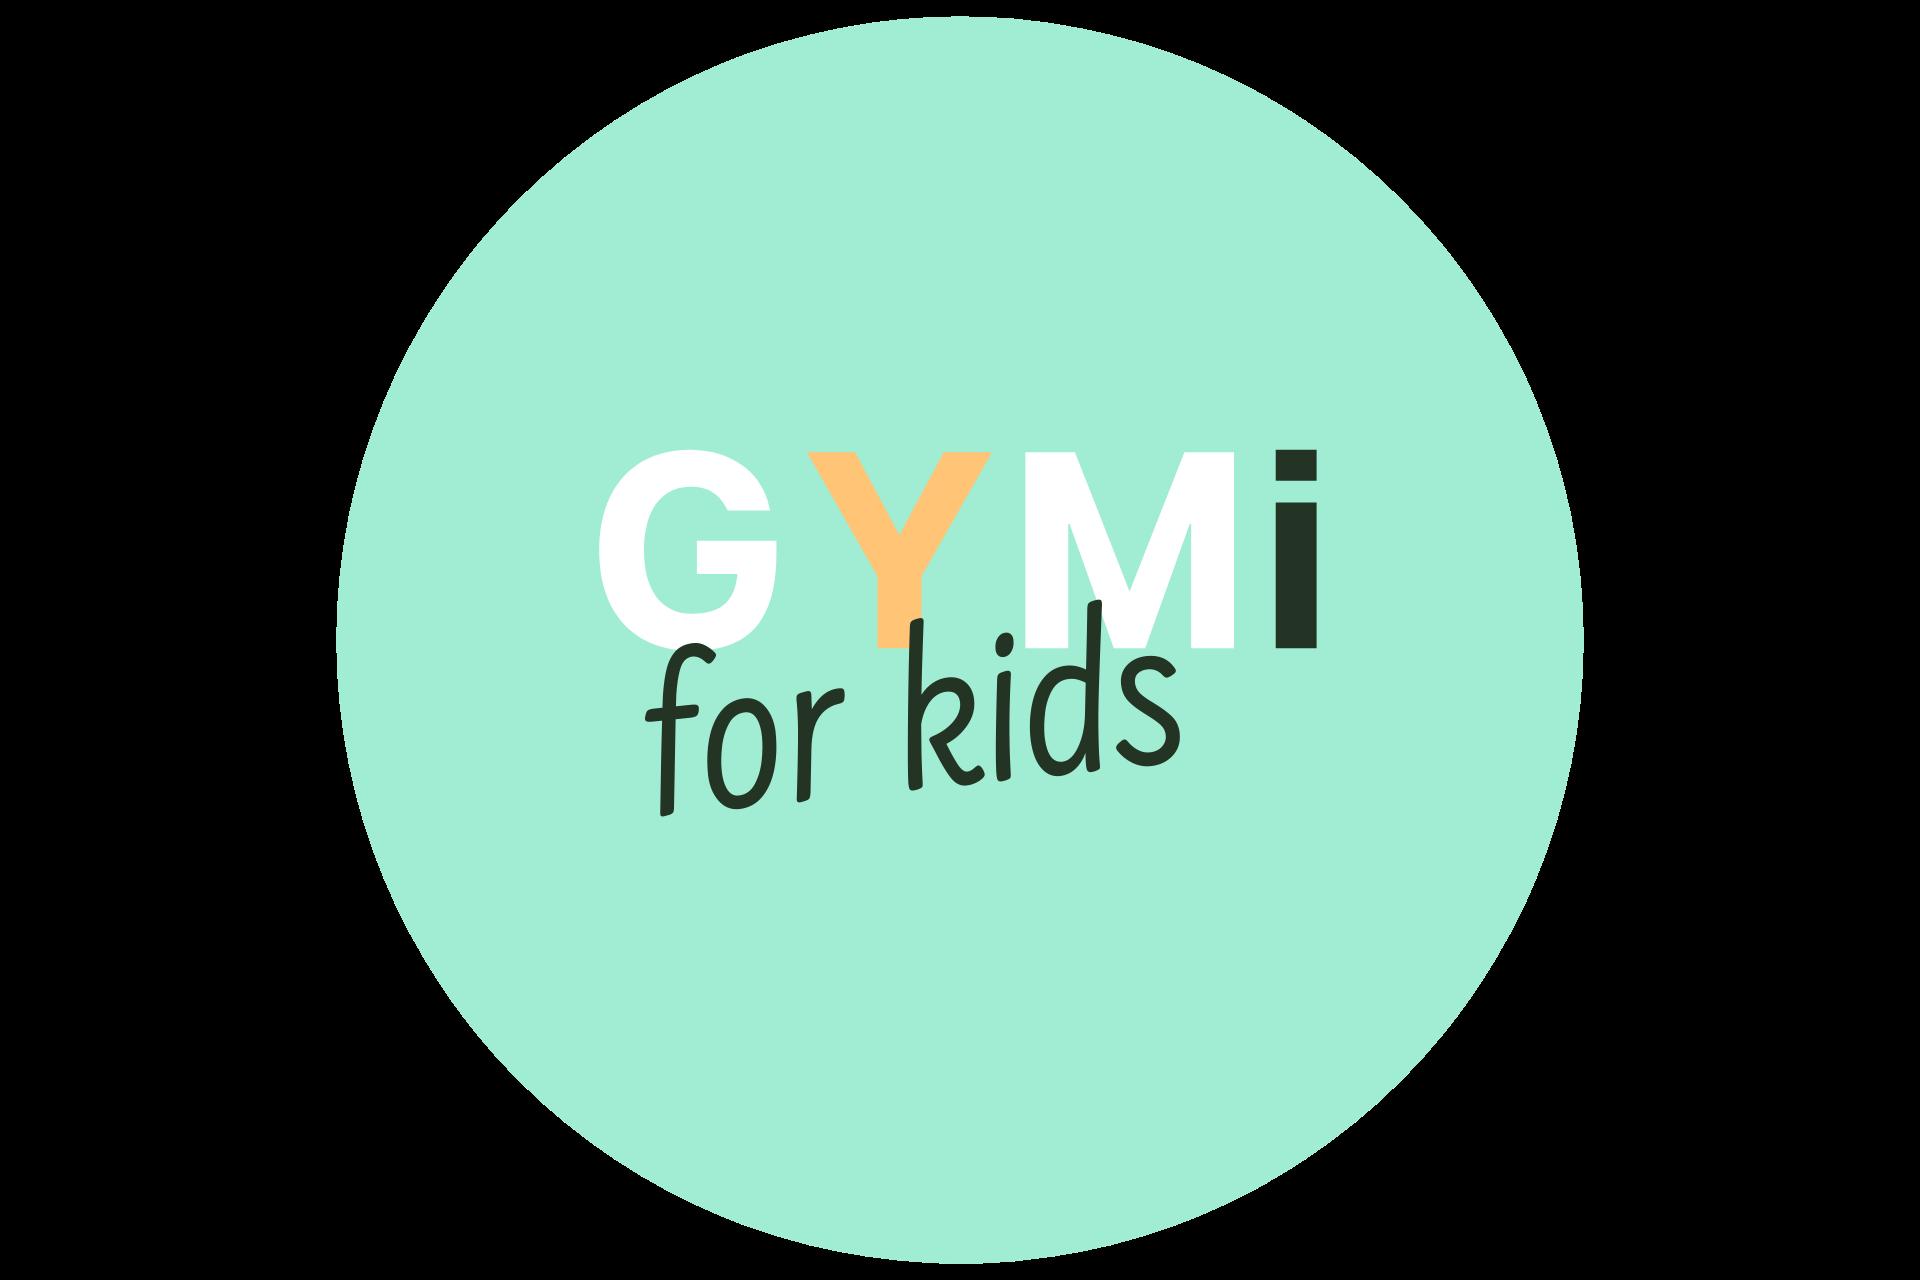 GYMi_for_kids_logo